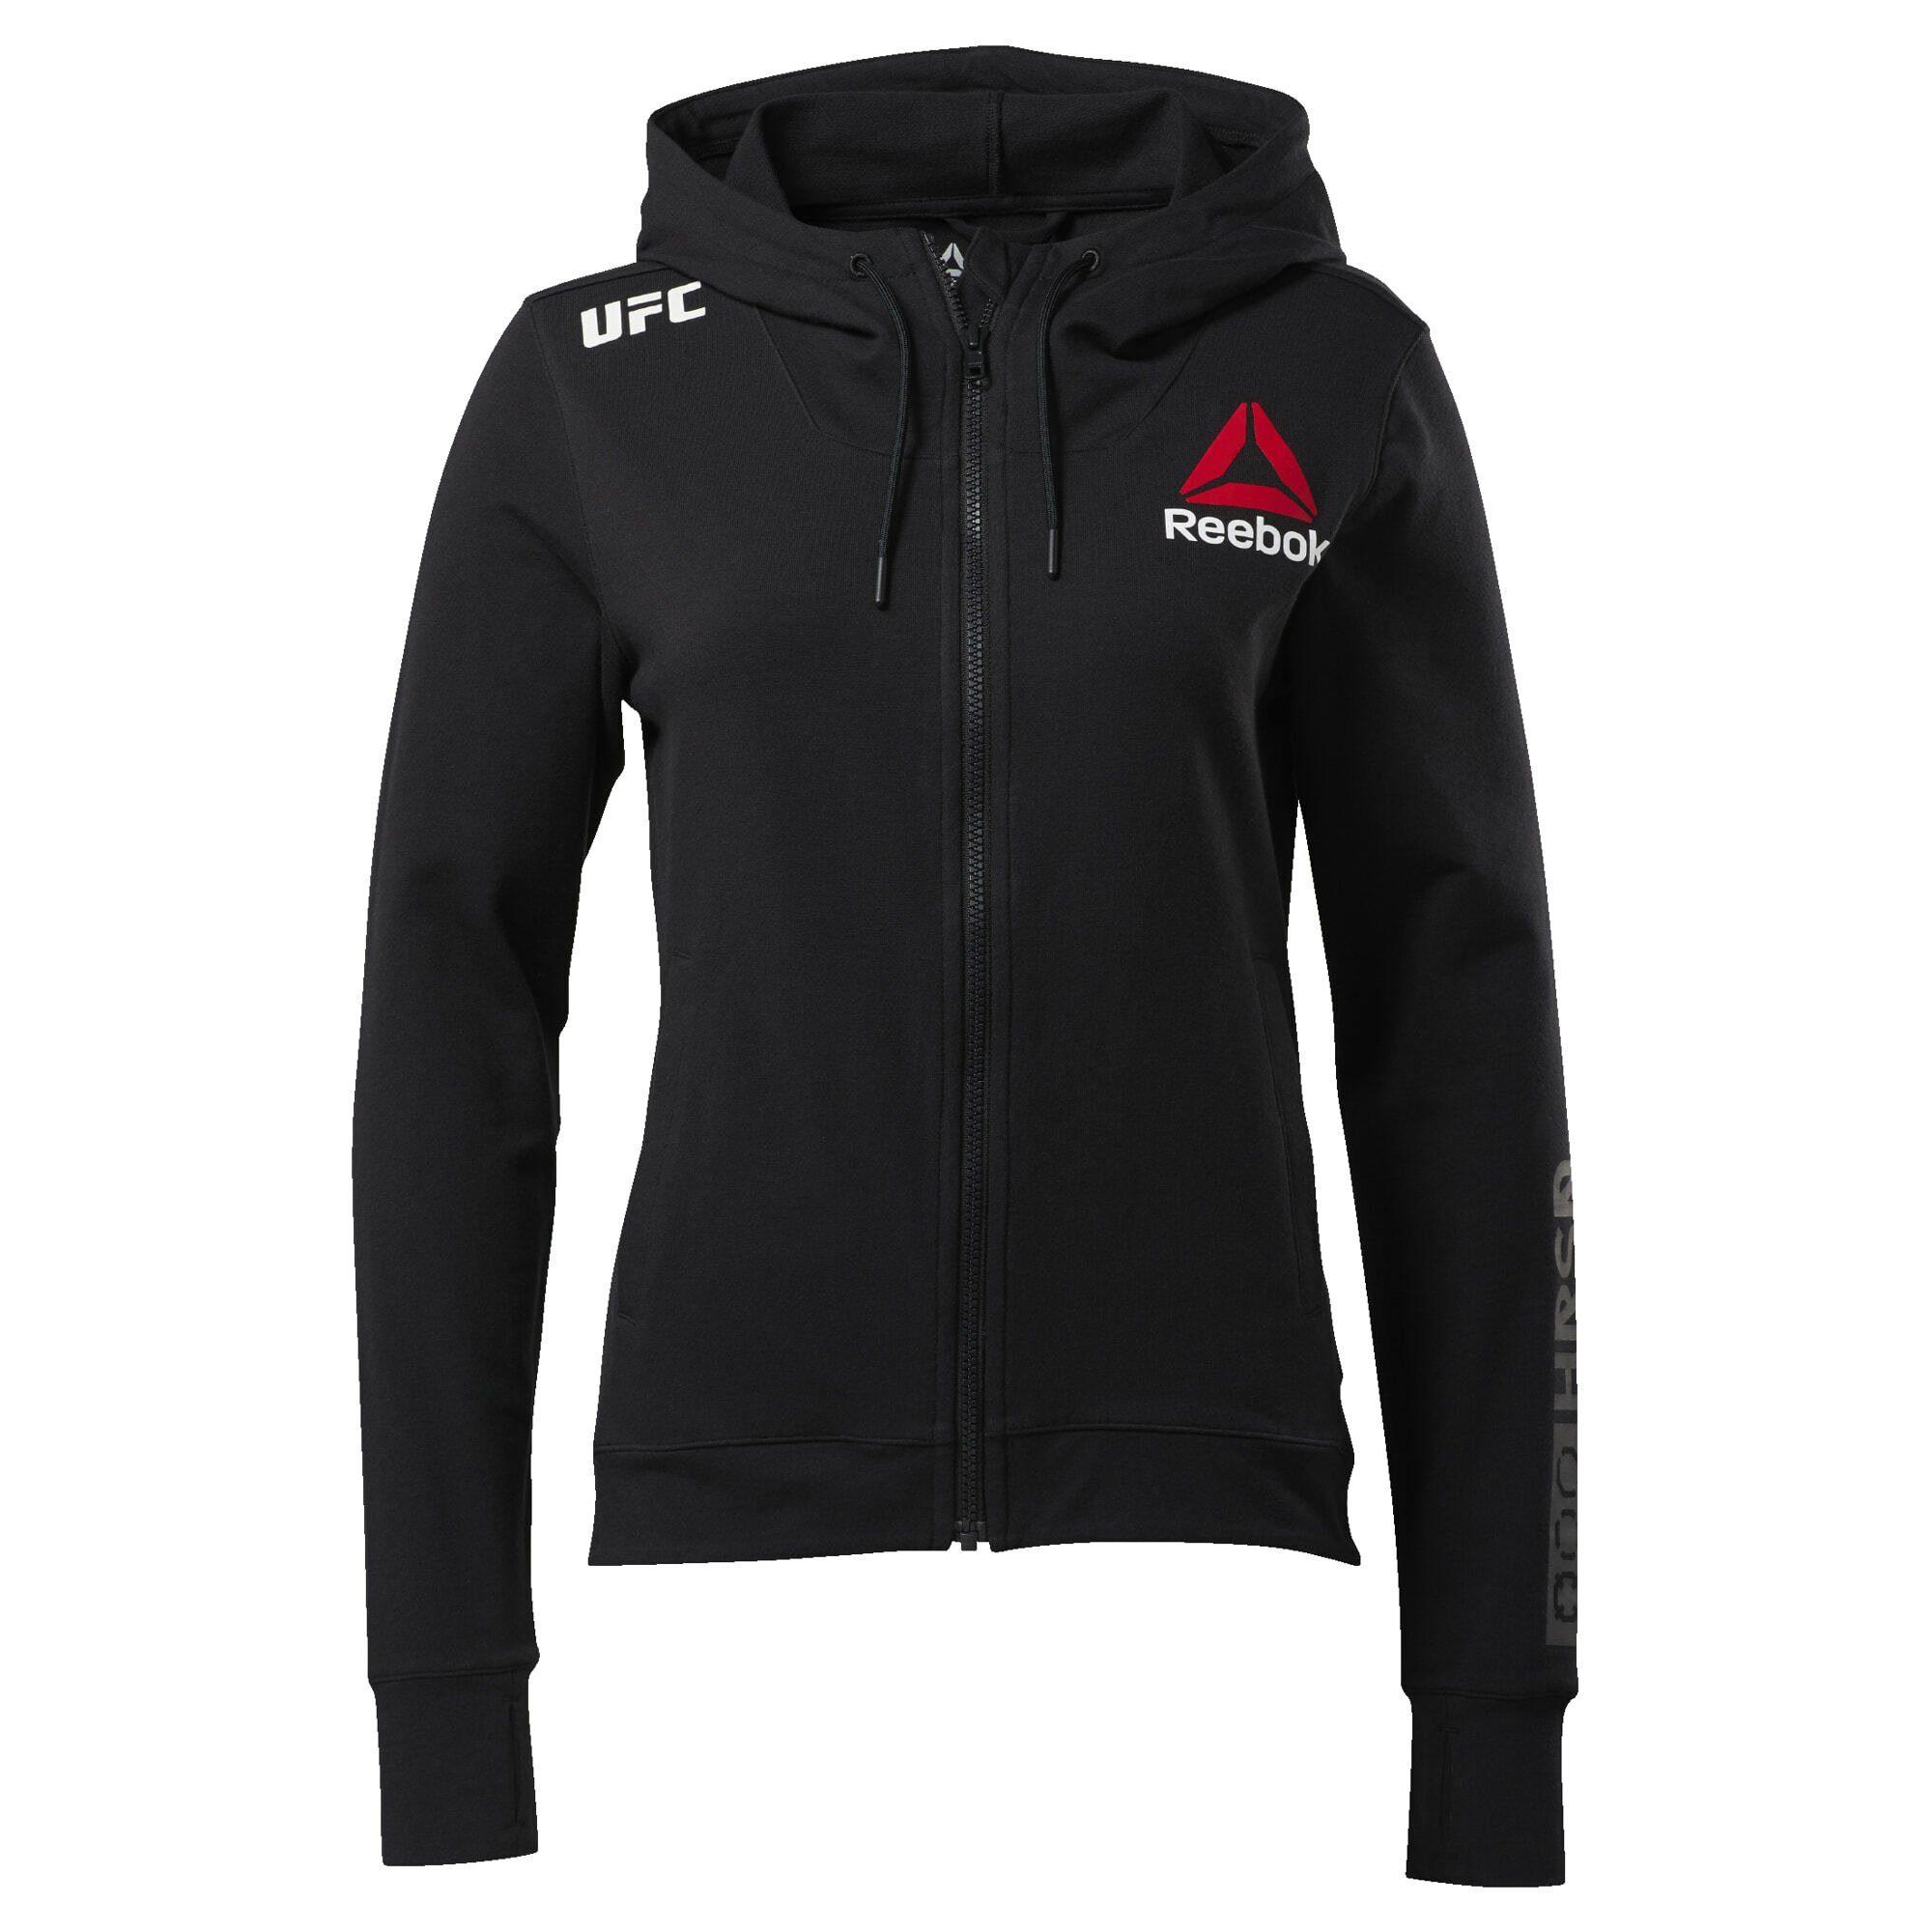 Reebok Kapuzensweatjacke »UFC Fight Night Blank Walkout